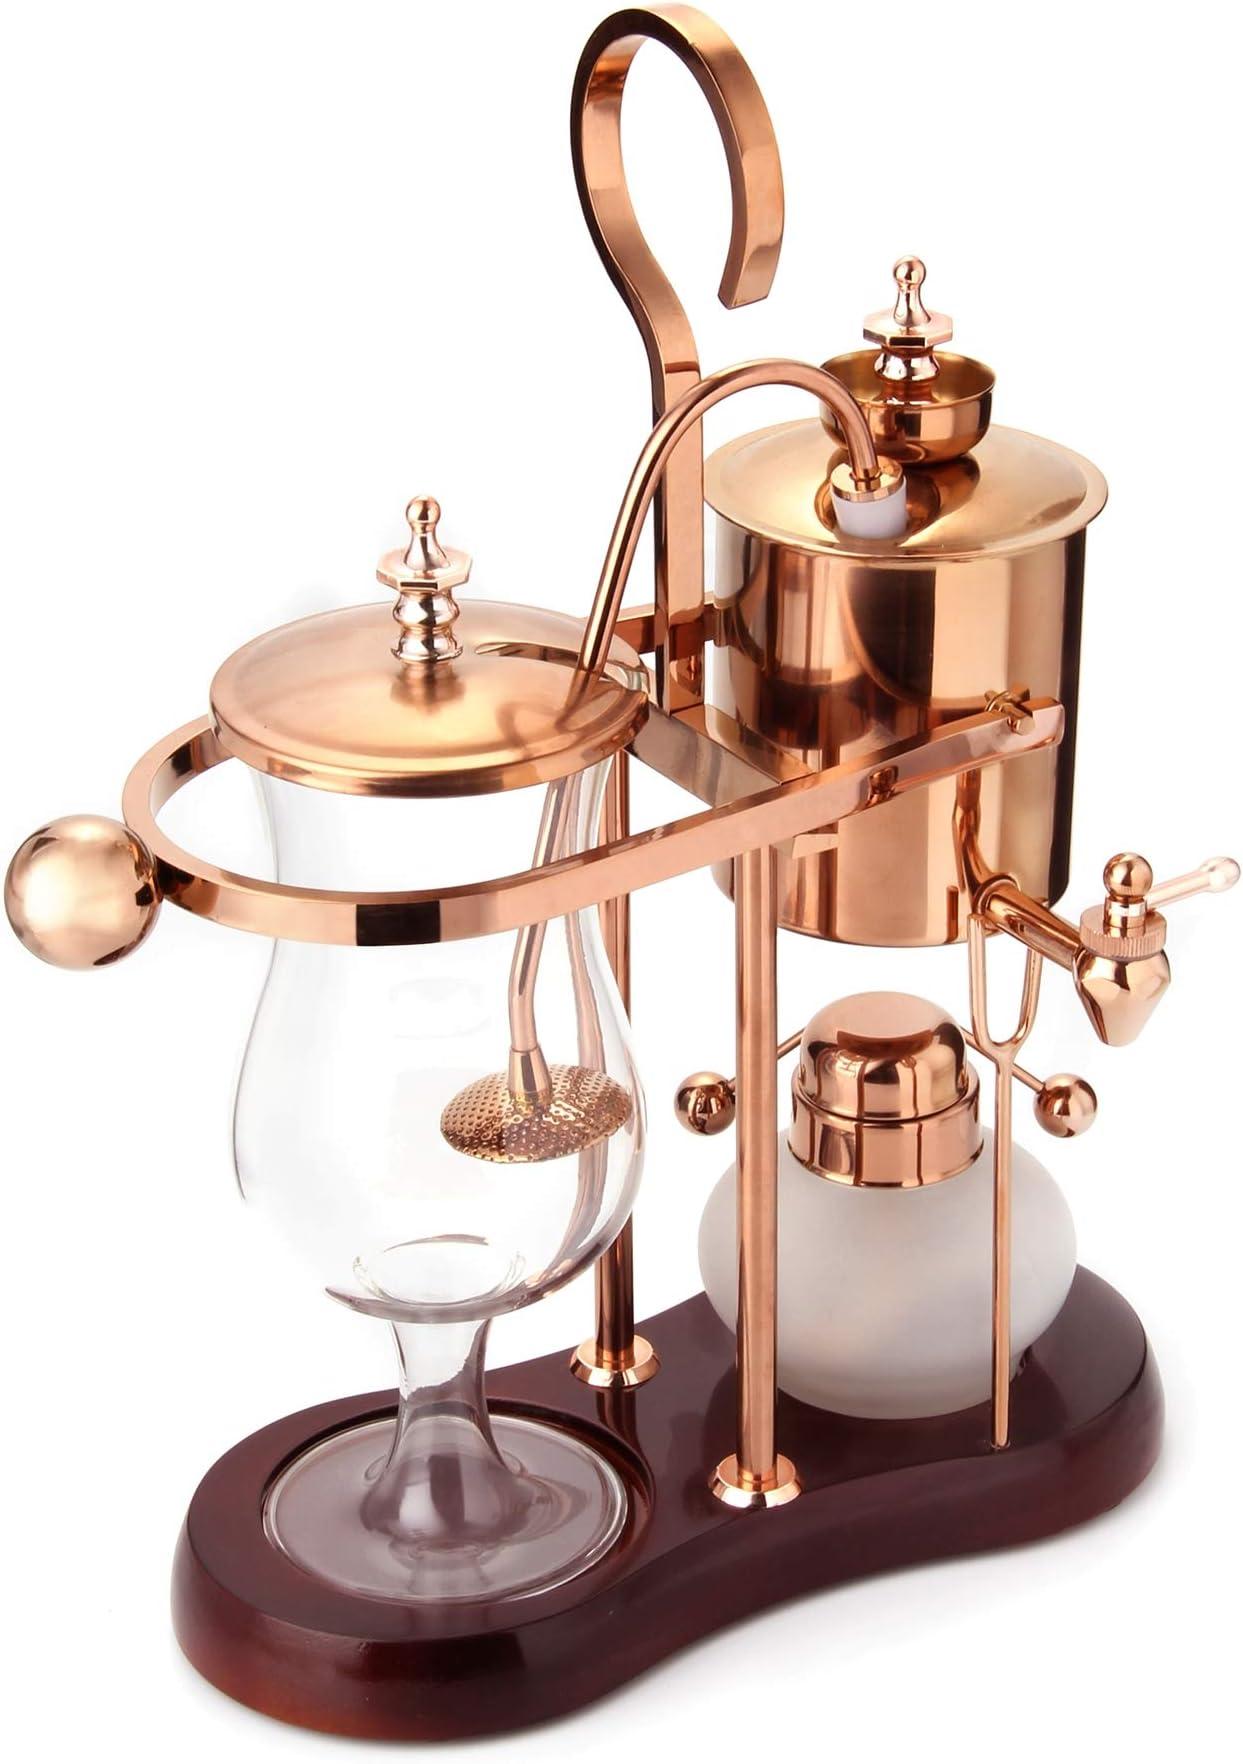 Diguo Belgian/Belgium Luxury Royal Family Balance Syphon Coffee Maker. Elegant Design Retro-Style (Polished Rose Gold)